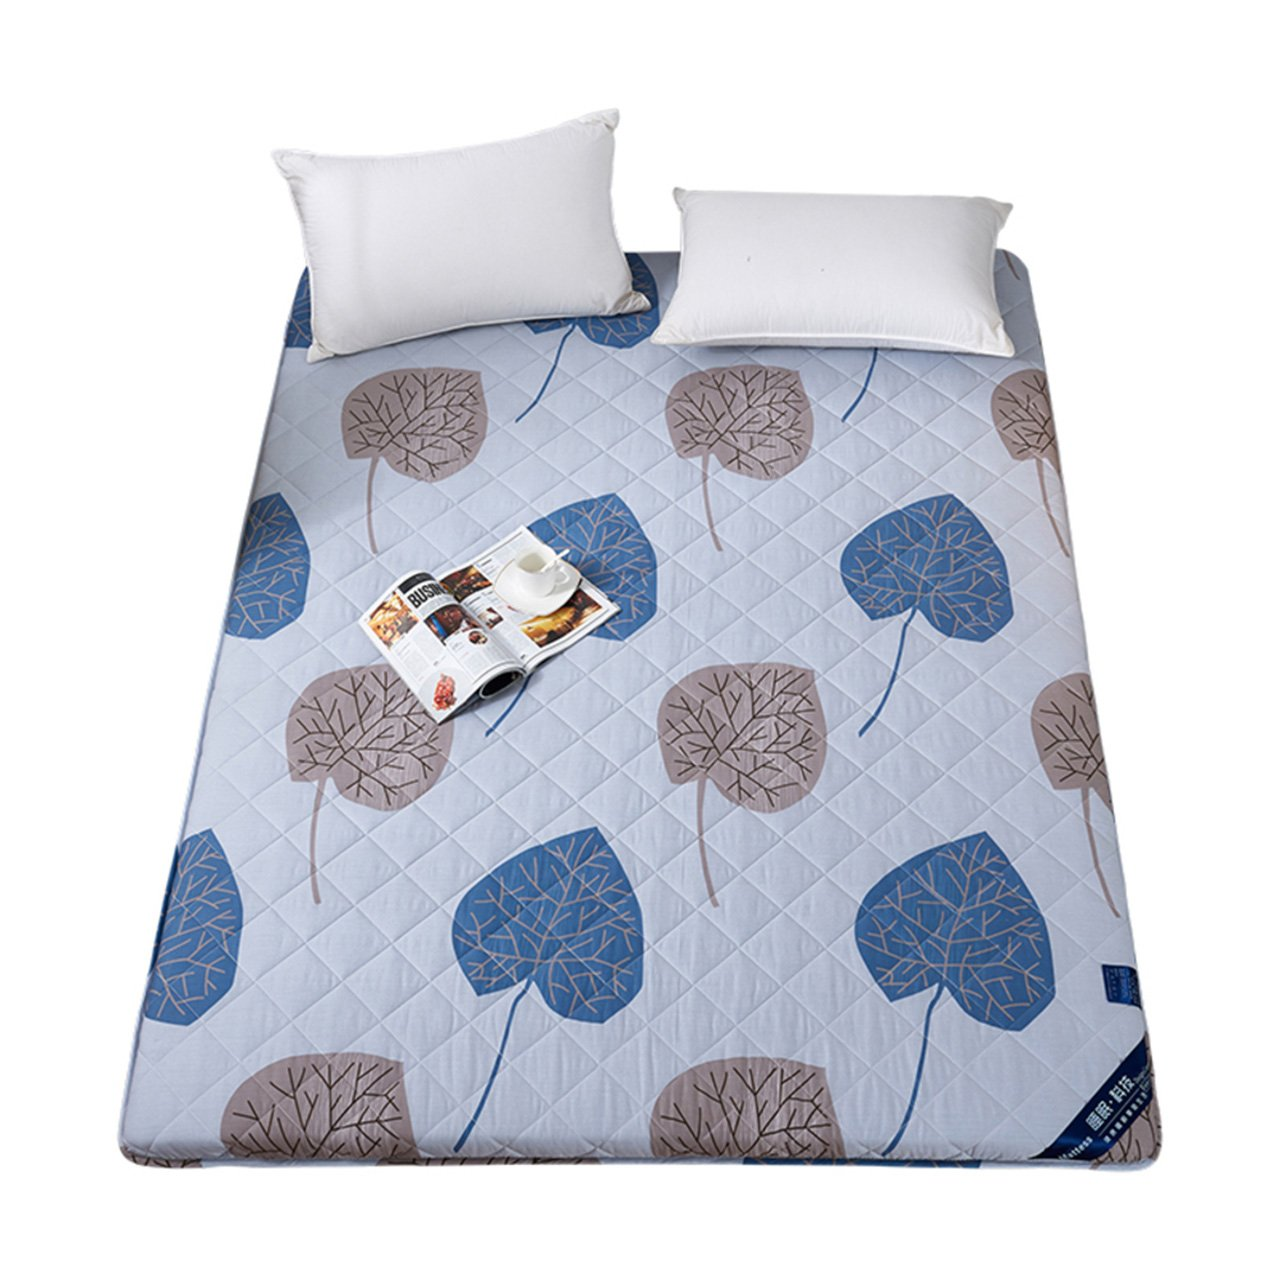 LWXTY - Colchón Antideslizante de algodón, colchoneta de futón ...